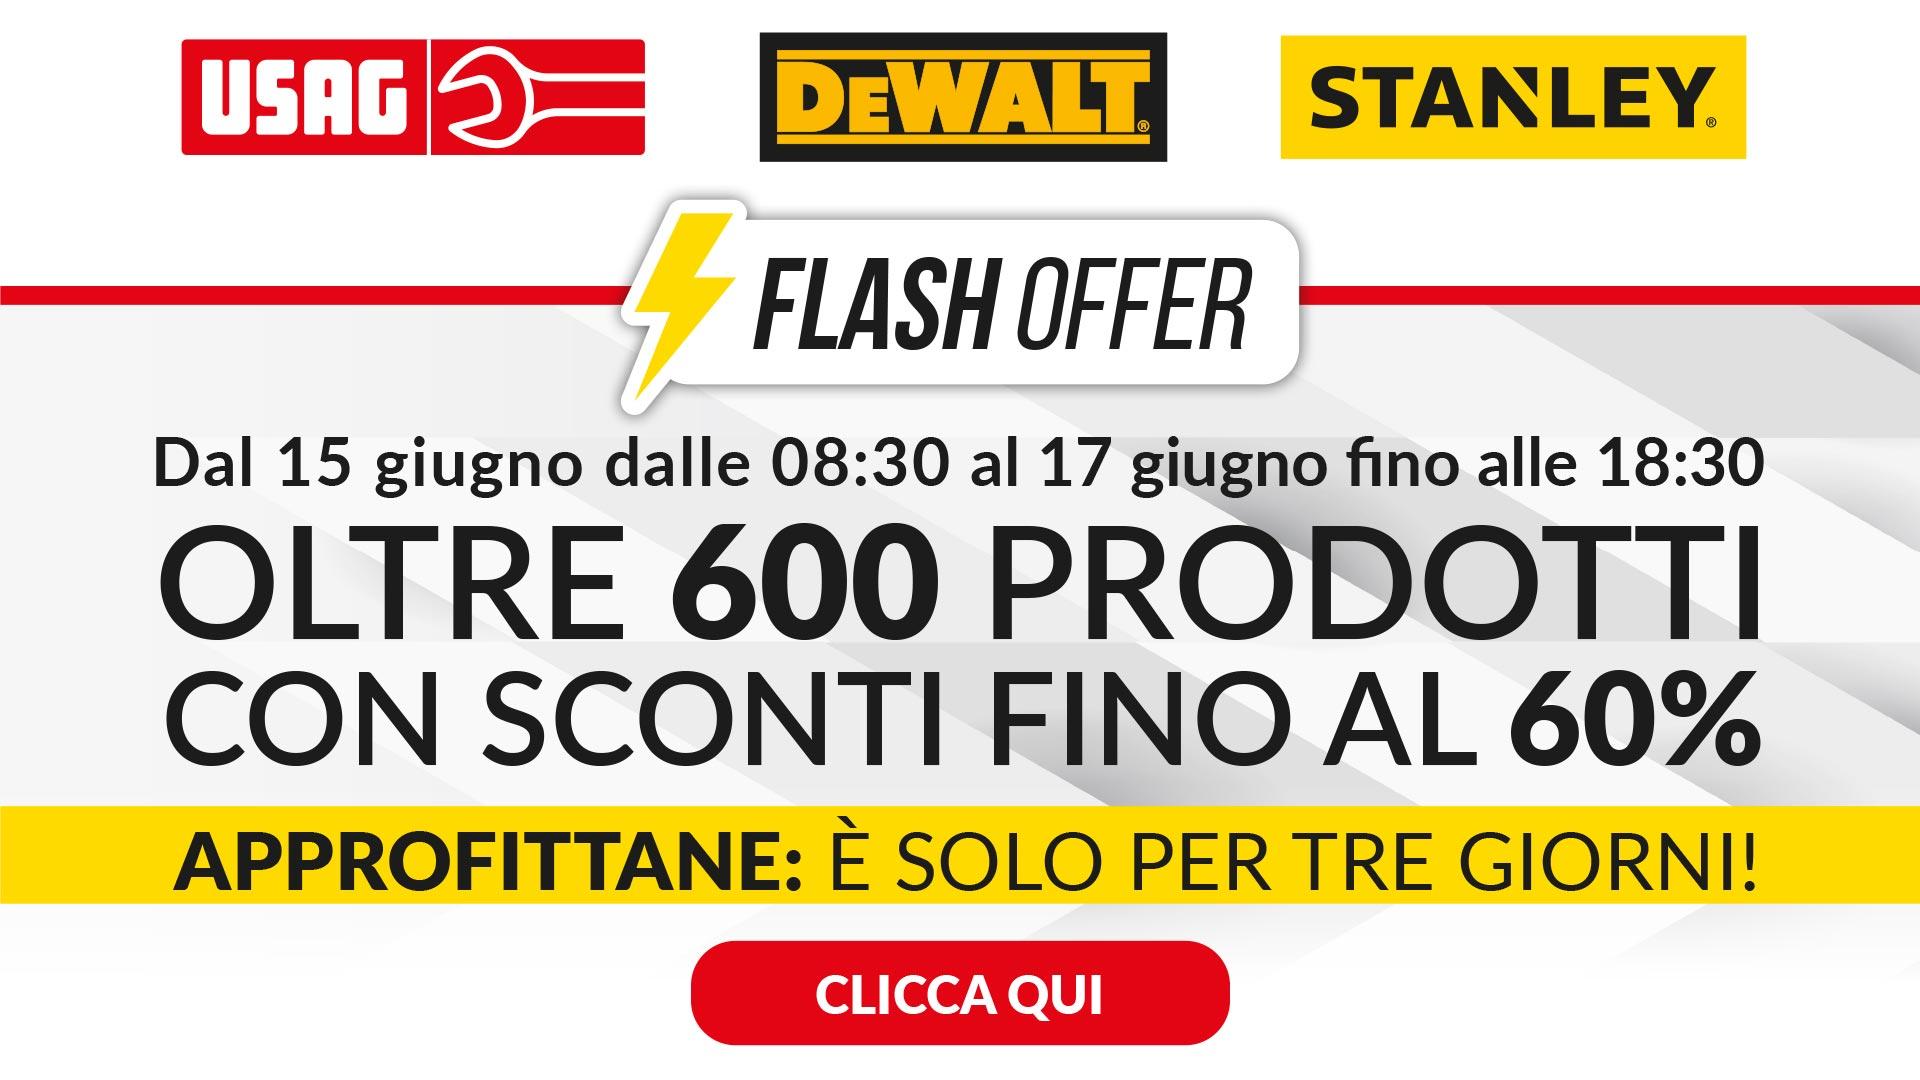 Dal 15 al 17 Giugno in Flash Offer oltre 600 articoli Usag, Stanley e Dewalt con sconti fino al 60%